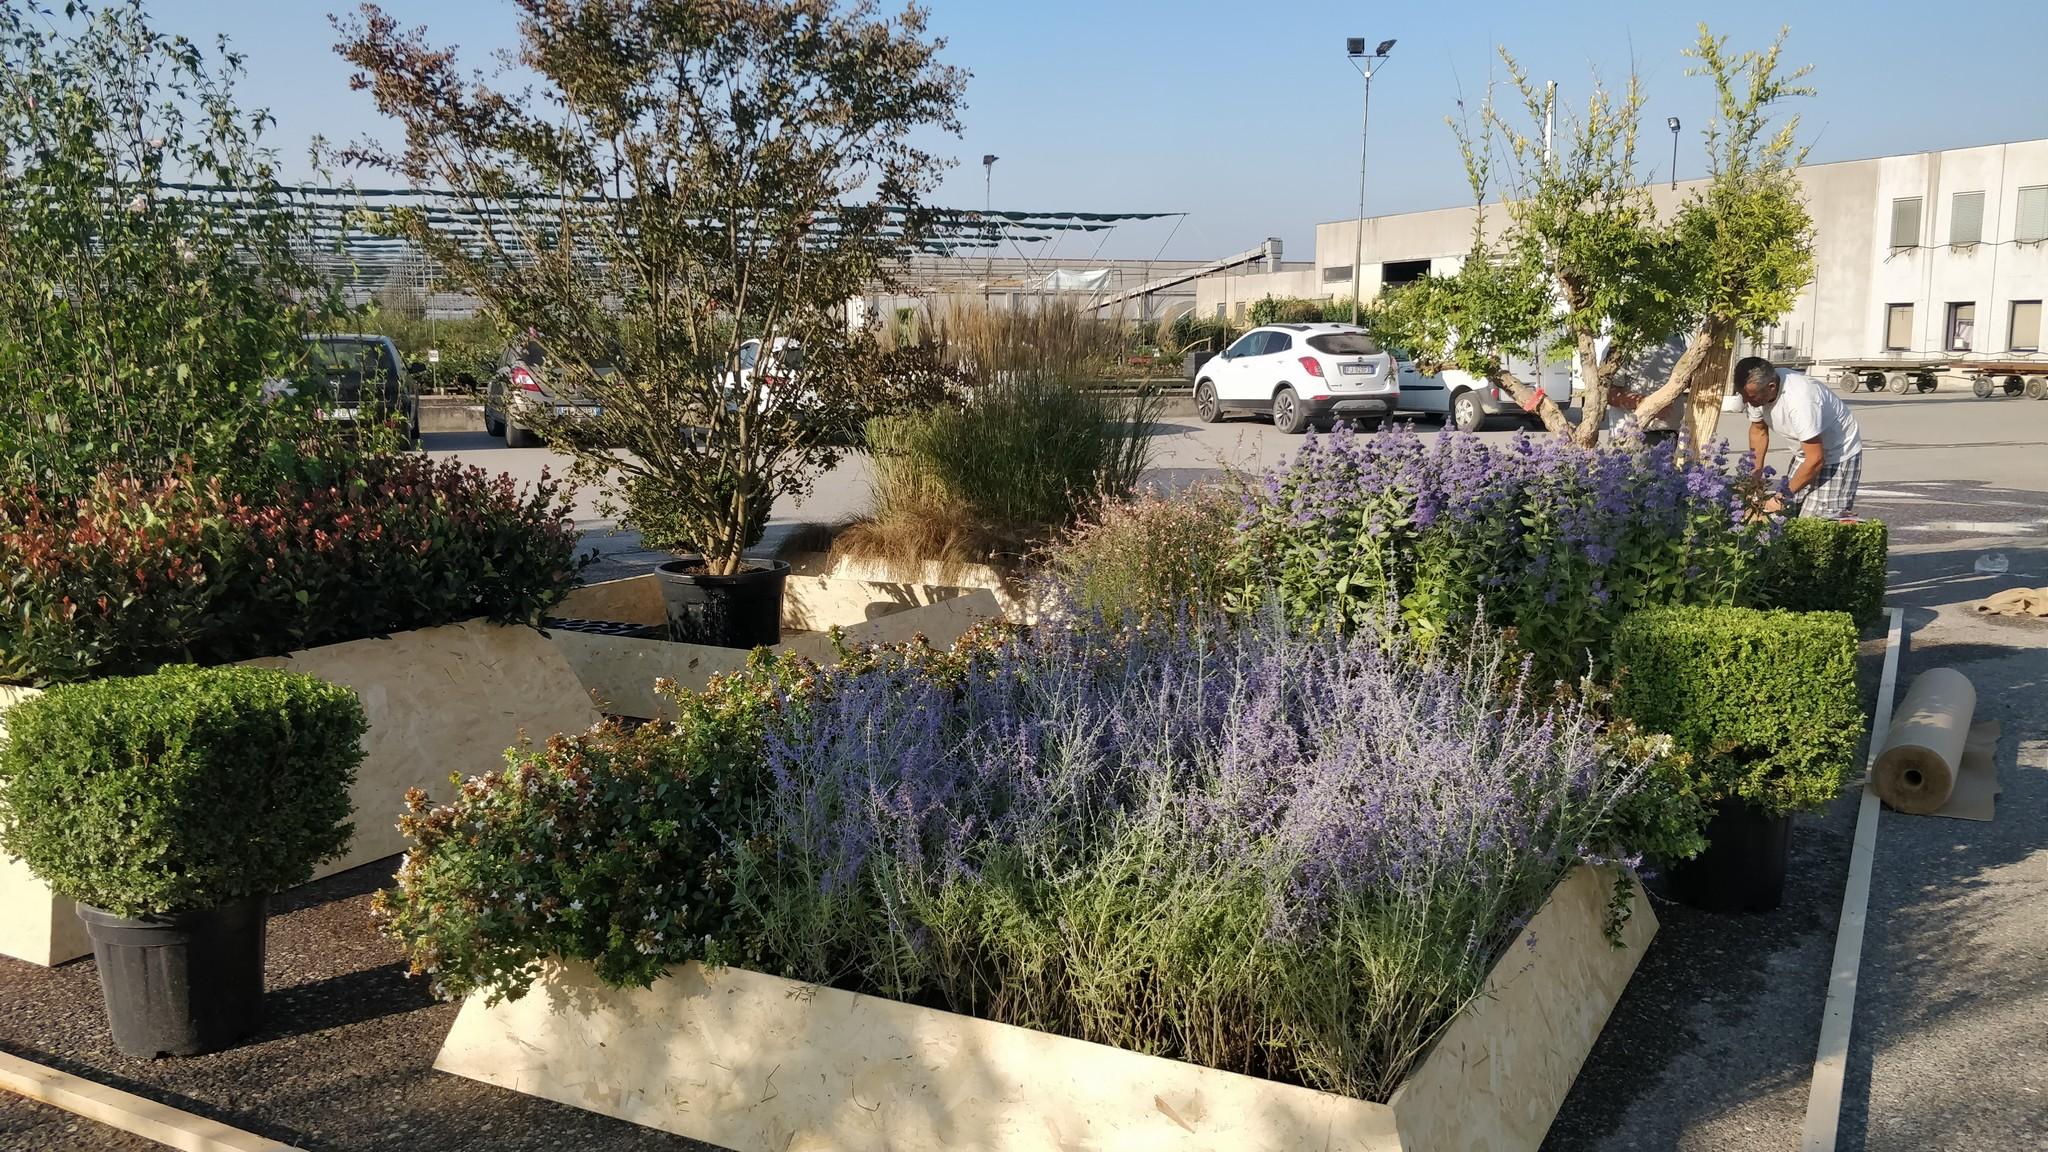 Concorso giardini Verdeggiando_22 Ode al giorno felice (ON78V) Ida Lia Russo